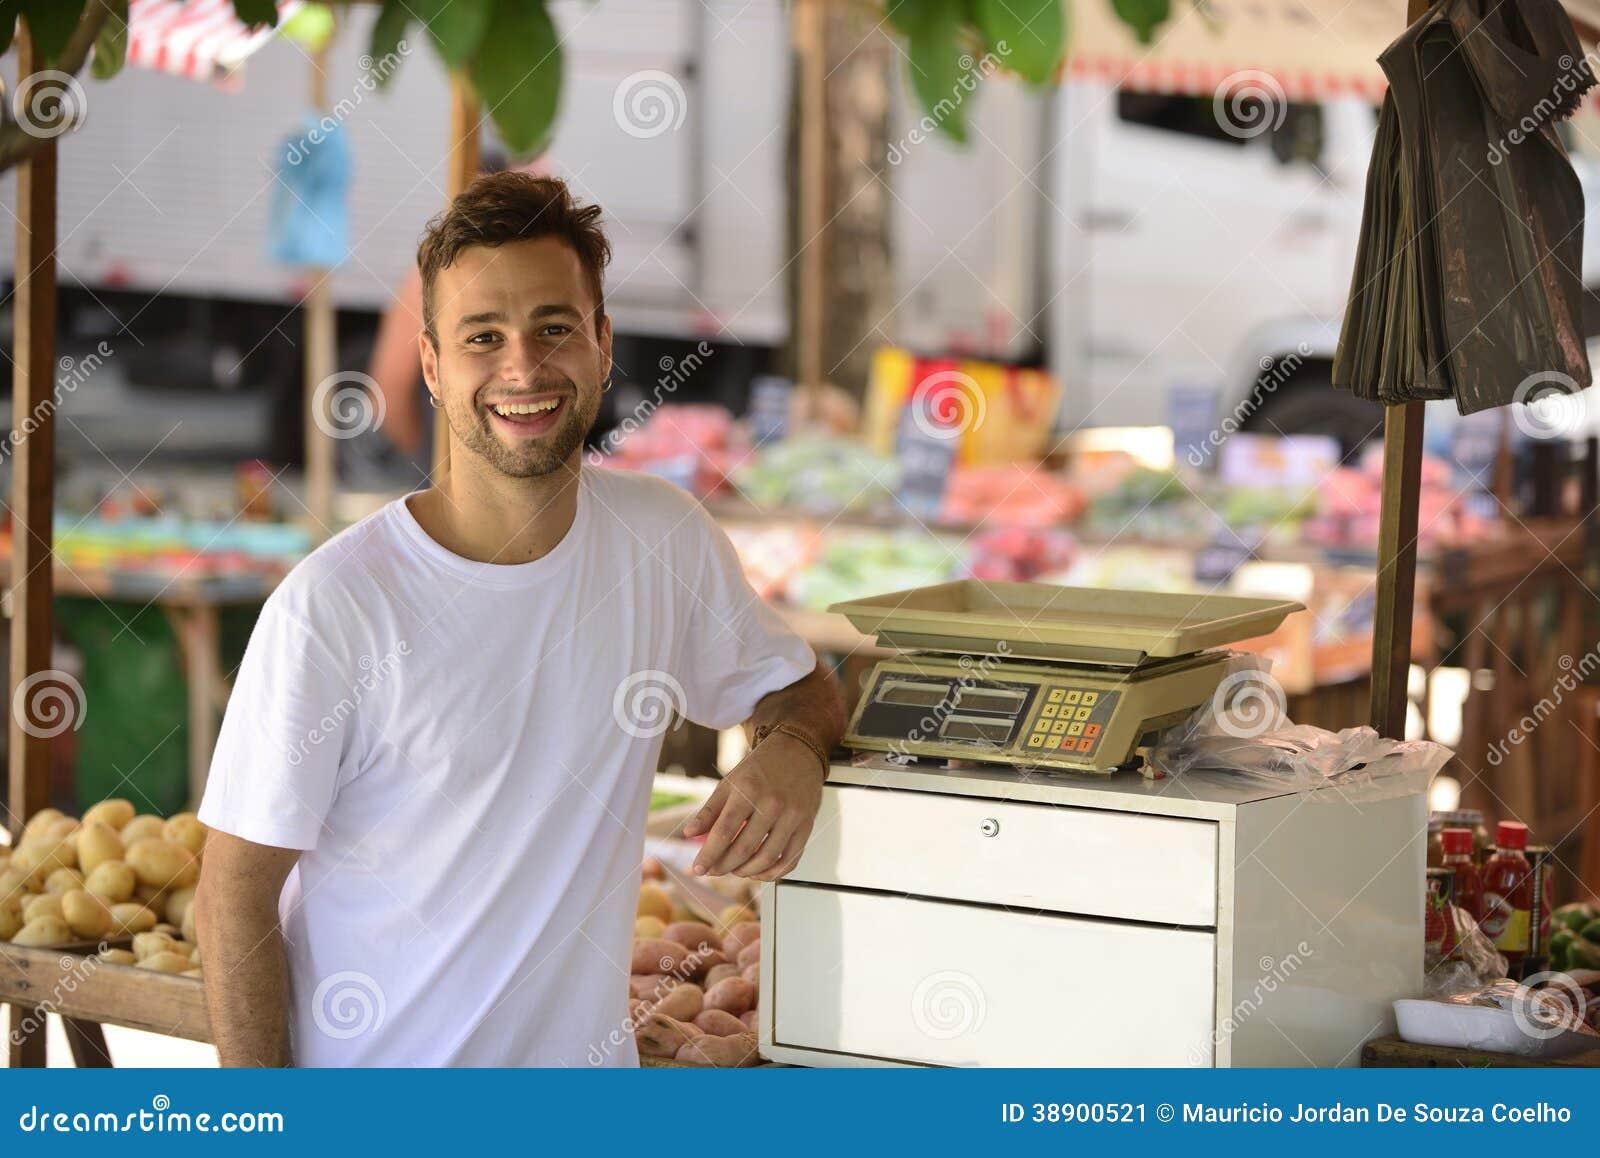 Proprietário empresarial pequeno que vende frutos orgânicos.